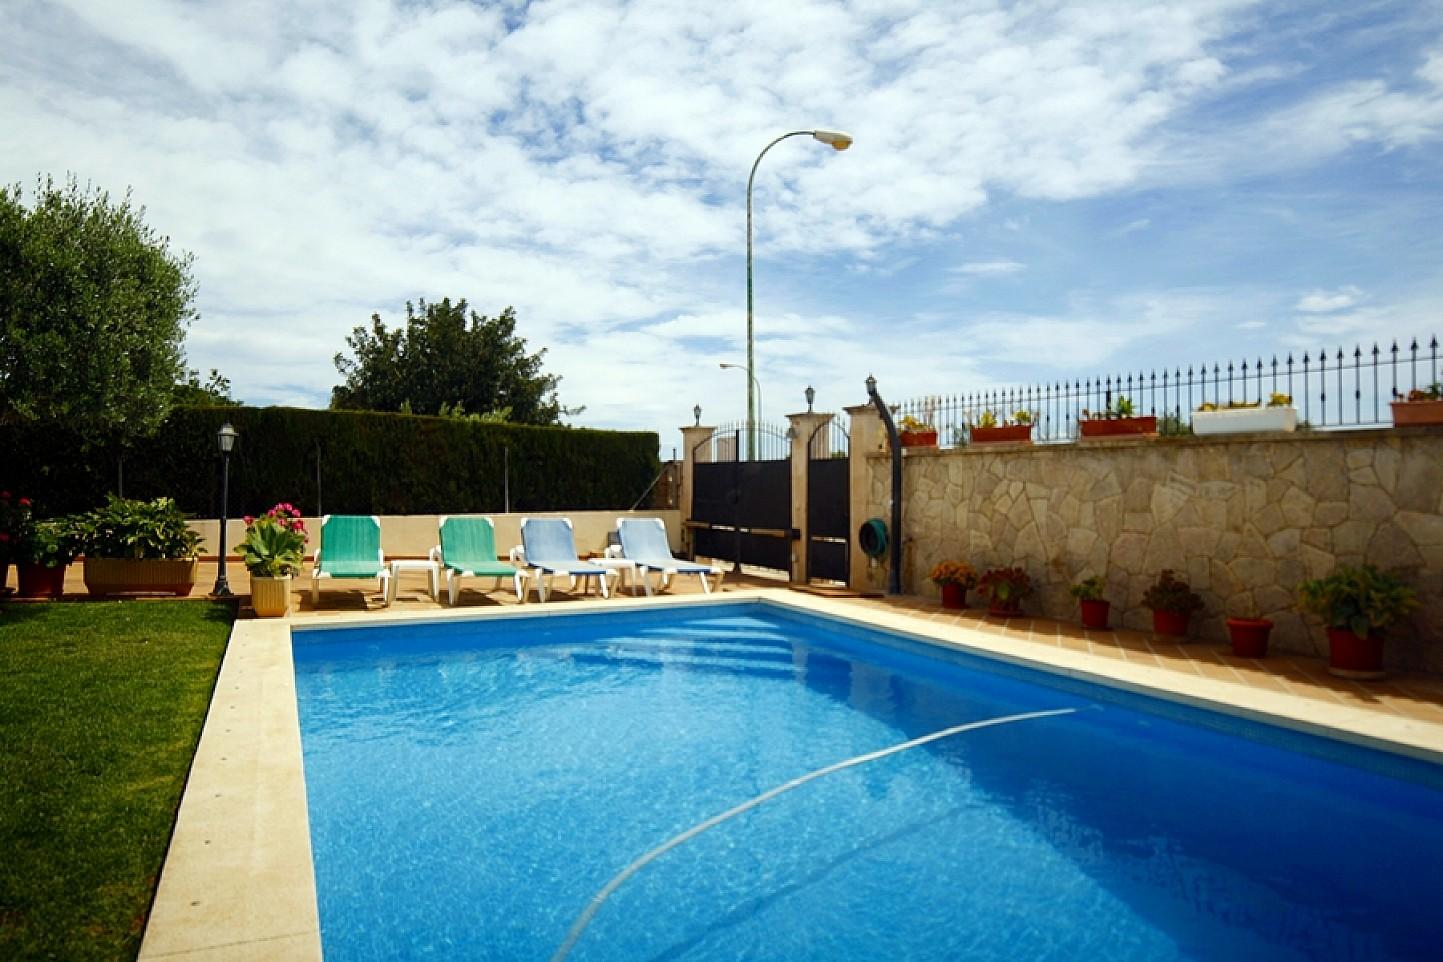 Piscina propia de casa unifamiliar con mucho encanto en venta en Llucmajor, Mallorca